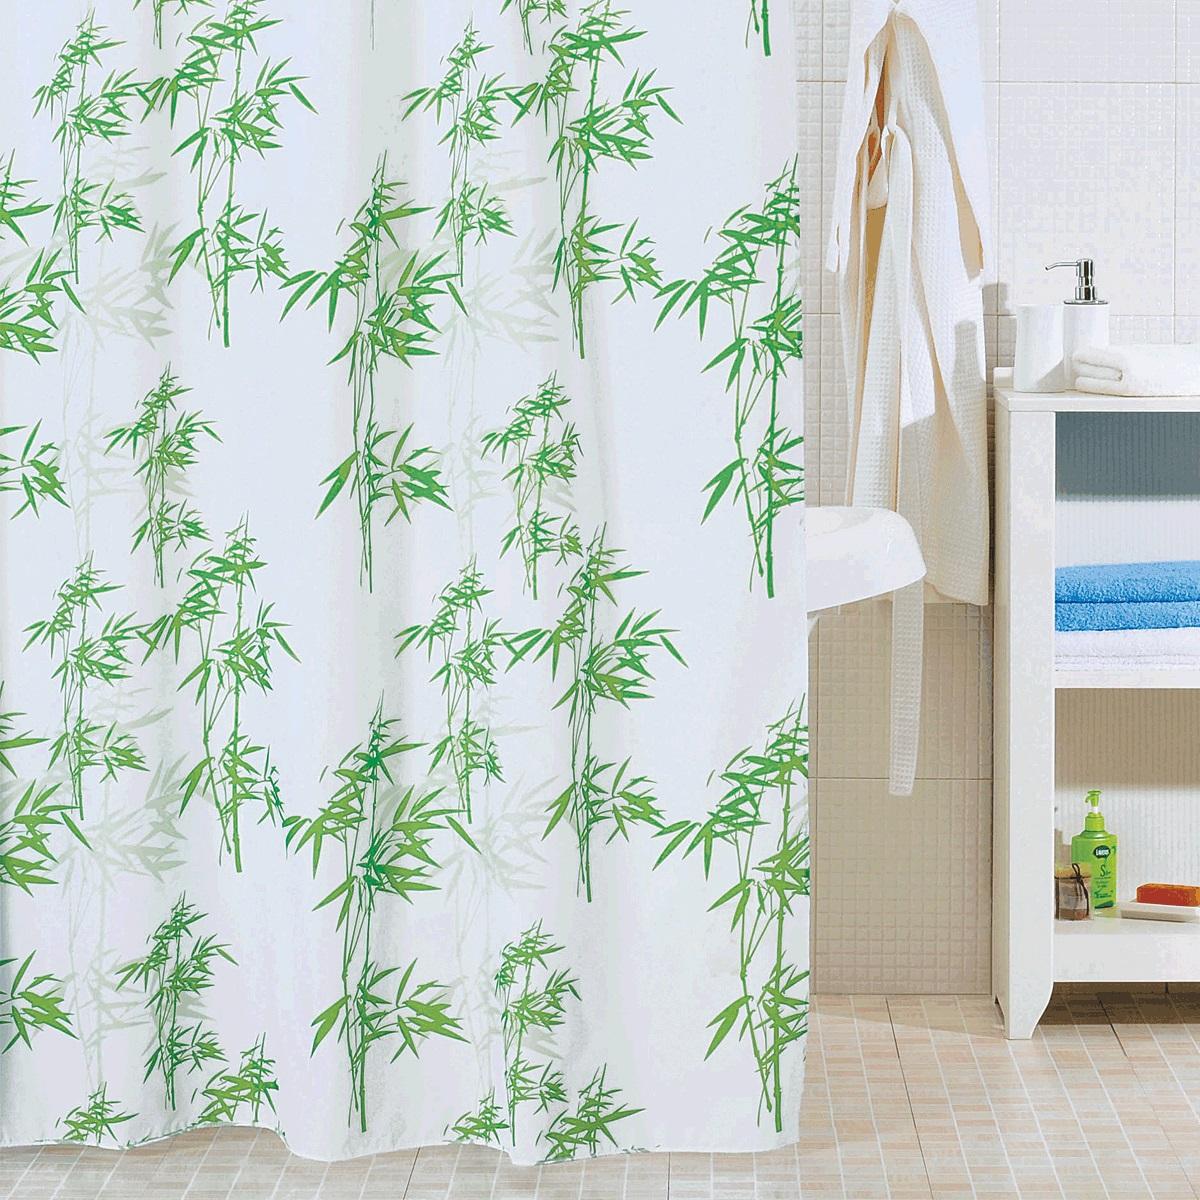 Штора для ванной Iddis Bamboo Leaf, цвет: белый, зеленый, 200 x 200 смSCID010PШтора для ванной комнаты Iddis выполнена из быстросохнущего материала - 100% полиэстера, что обеспечивает прочность изделия и легкость ухода за ним.Материал шторы пропитан специальным водоотталкивающим составом Waterprof.Изделие изготовлено из экологически-чистого материала, оно обладает высокой степенью гигиеничности, не вызывает аллергических реакций.Штора имеет 12 металлических люверсов и утяжеляющую нить. В комплекте: штора и кольца.